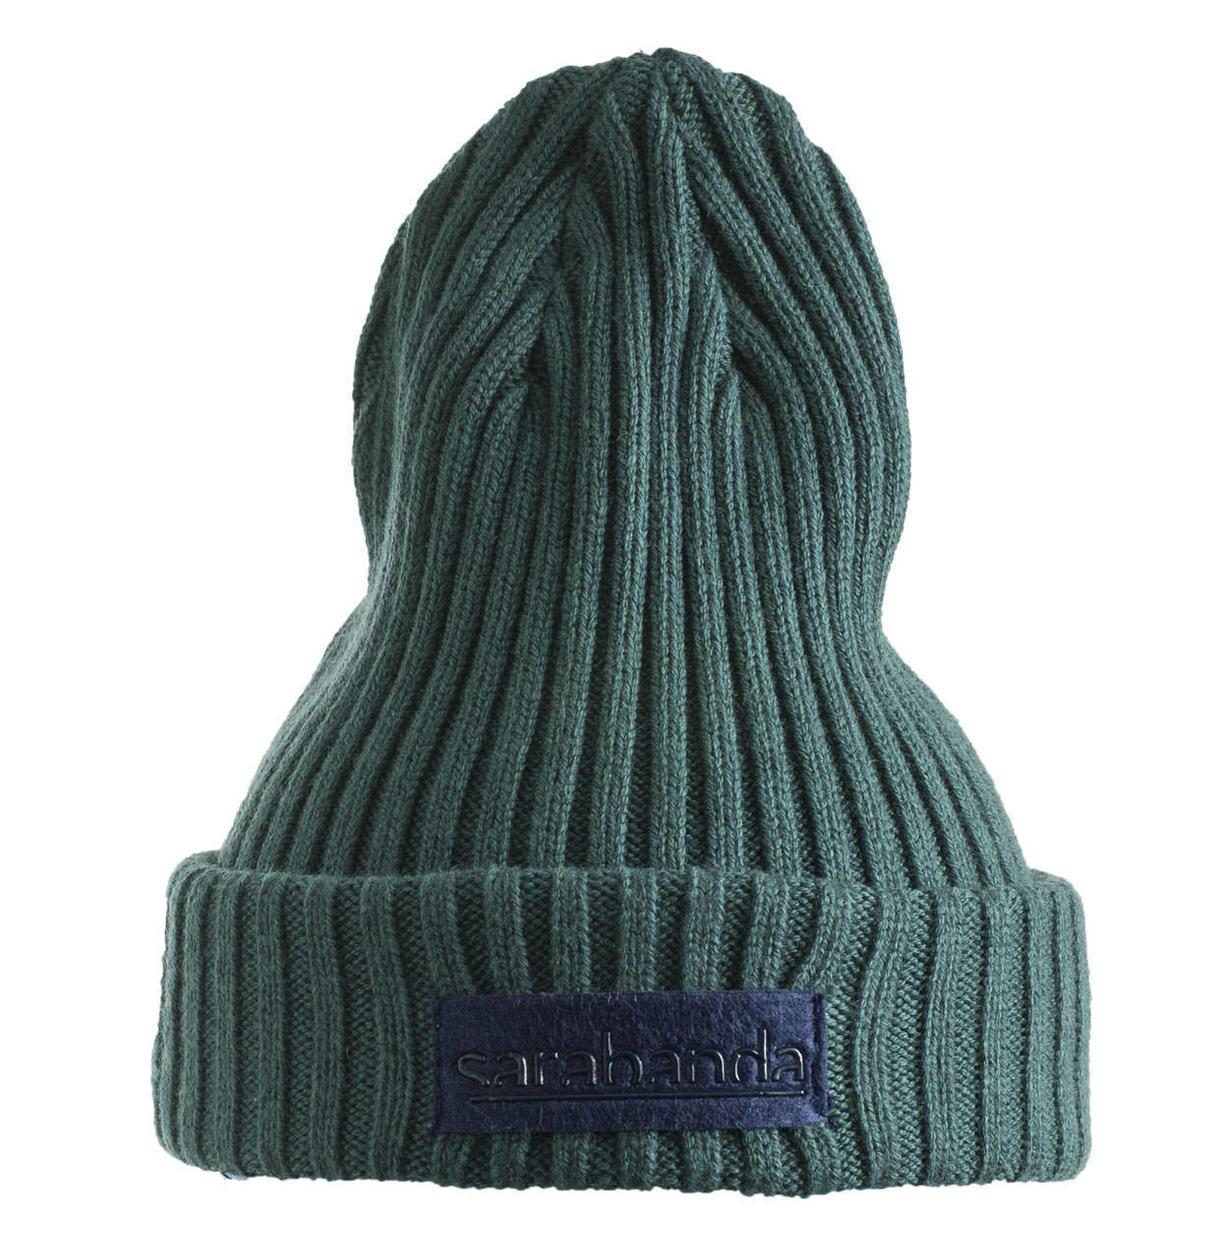 Cappellino modello cuffia in tricot misto cotone per bambino da 6 mesi a 7  anni Sarabanda d16691b36b0f